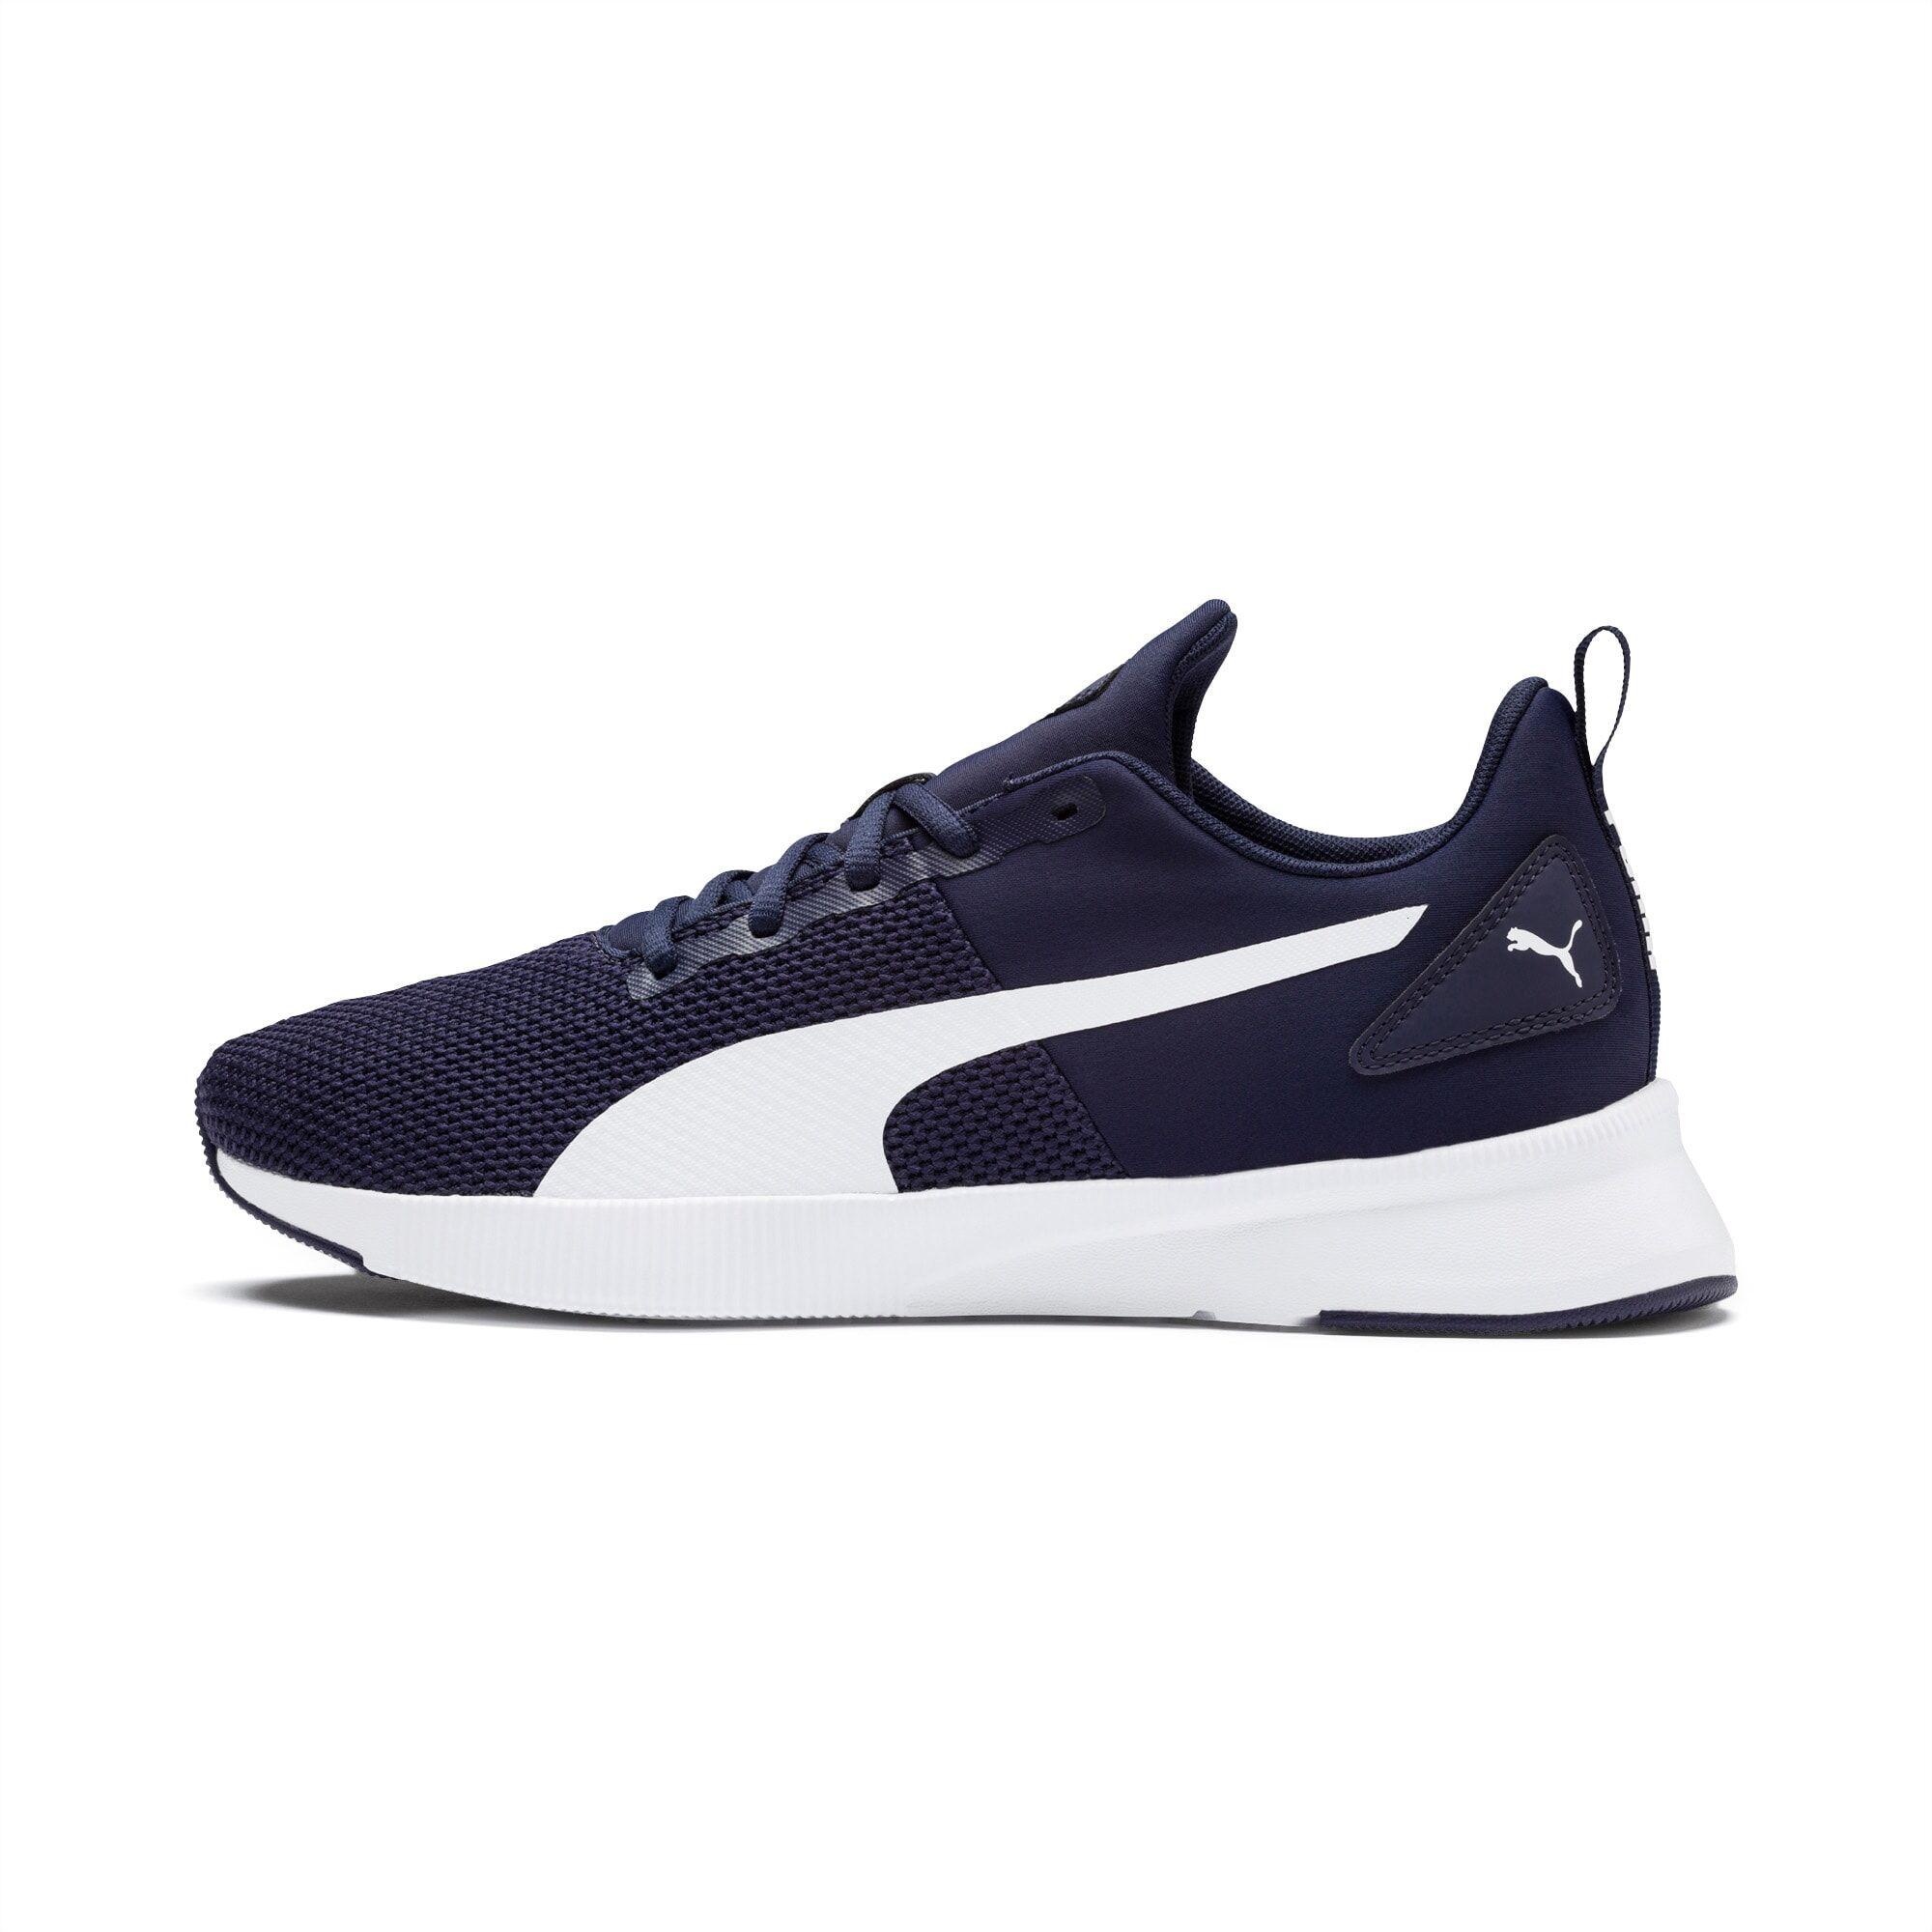 PUMA Chaussure de course Flyer Runner, Bleu/Blanc, Taille 43, Chaussures